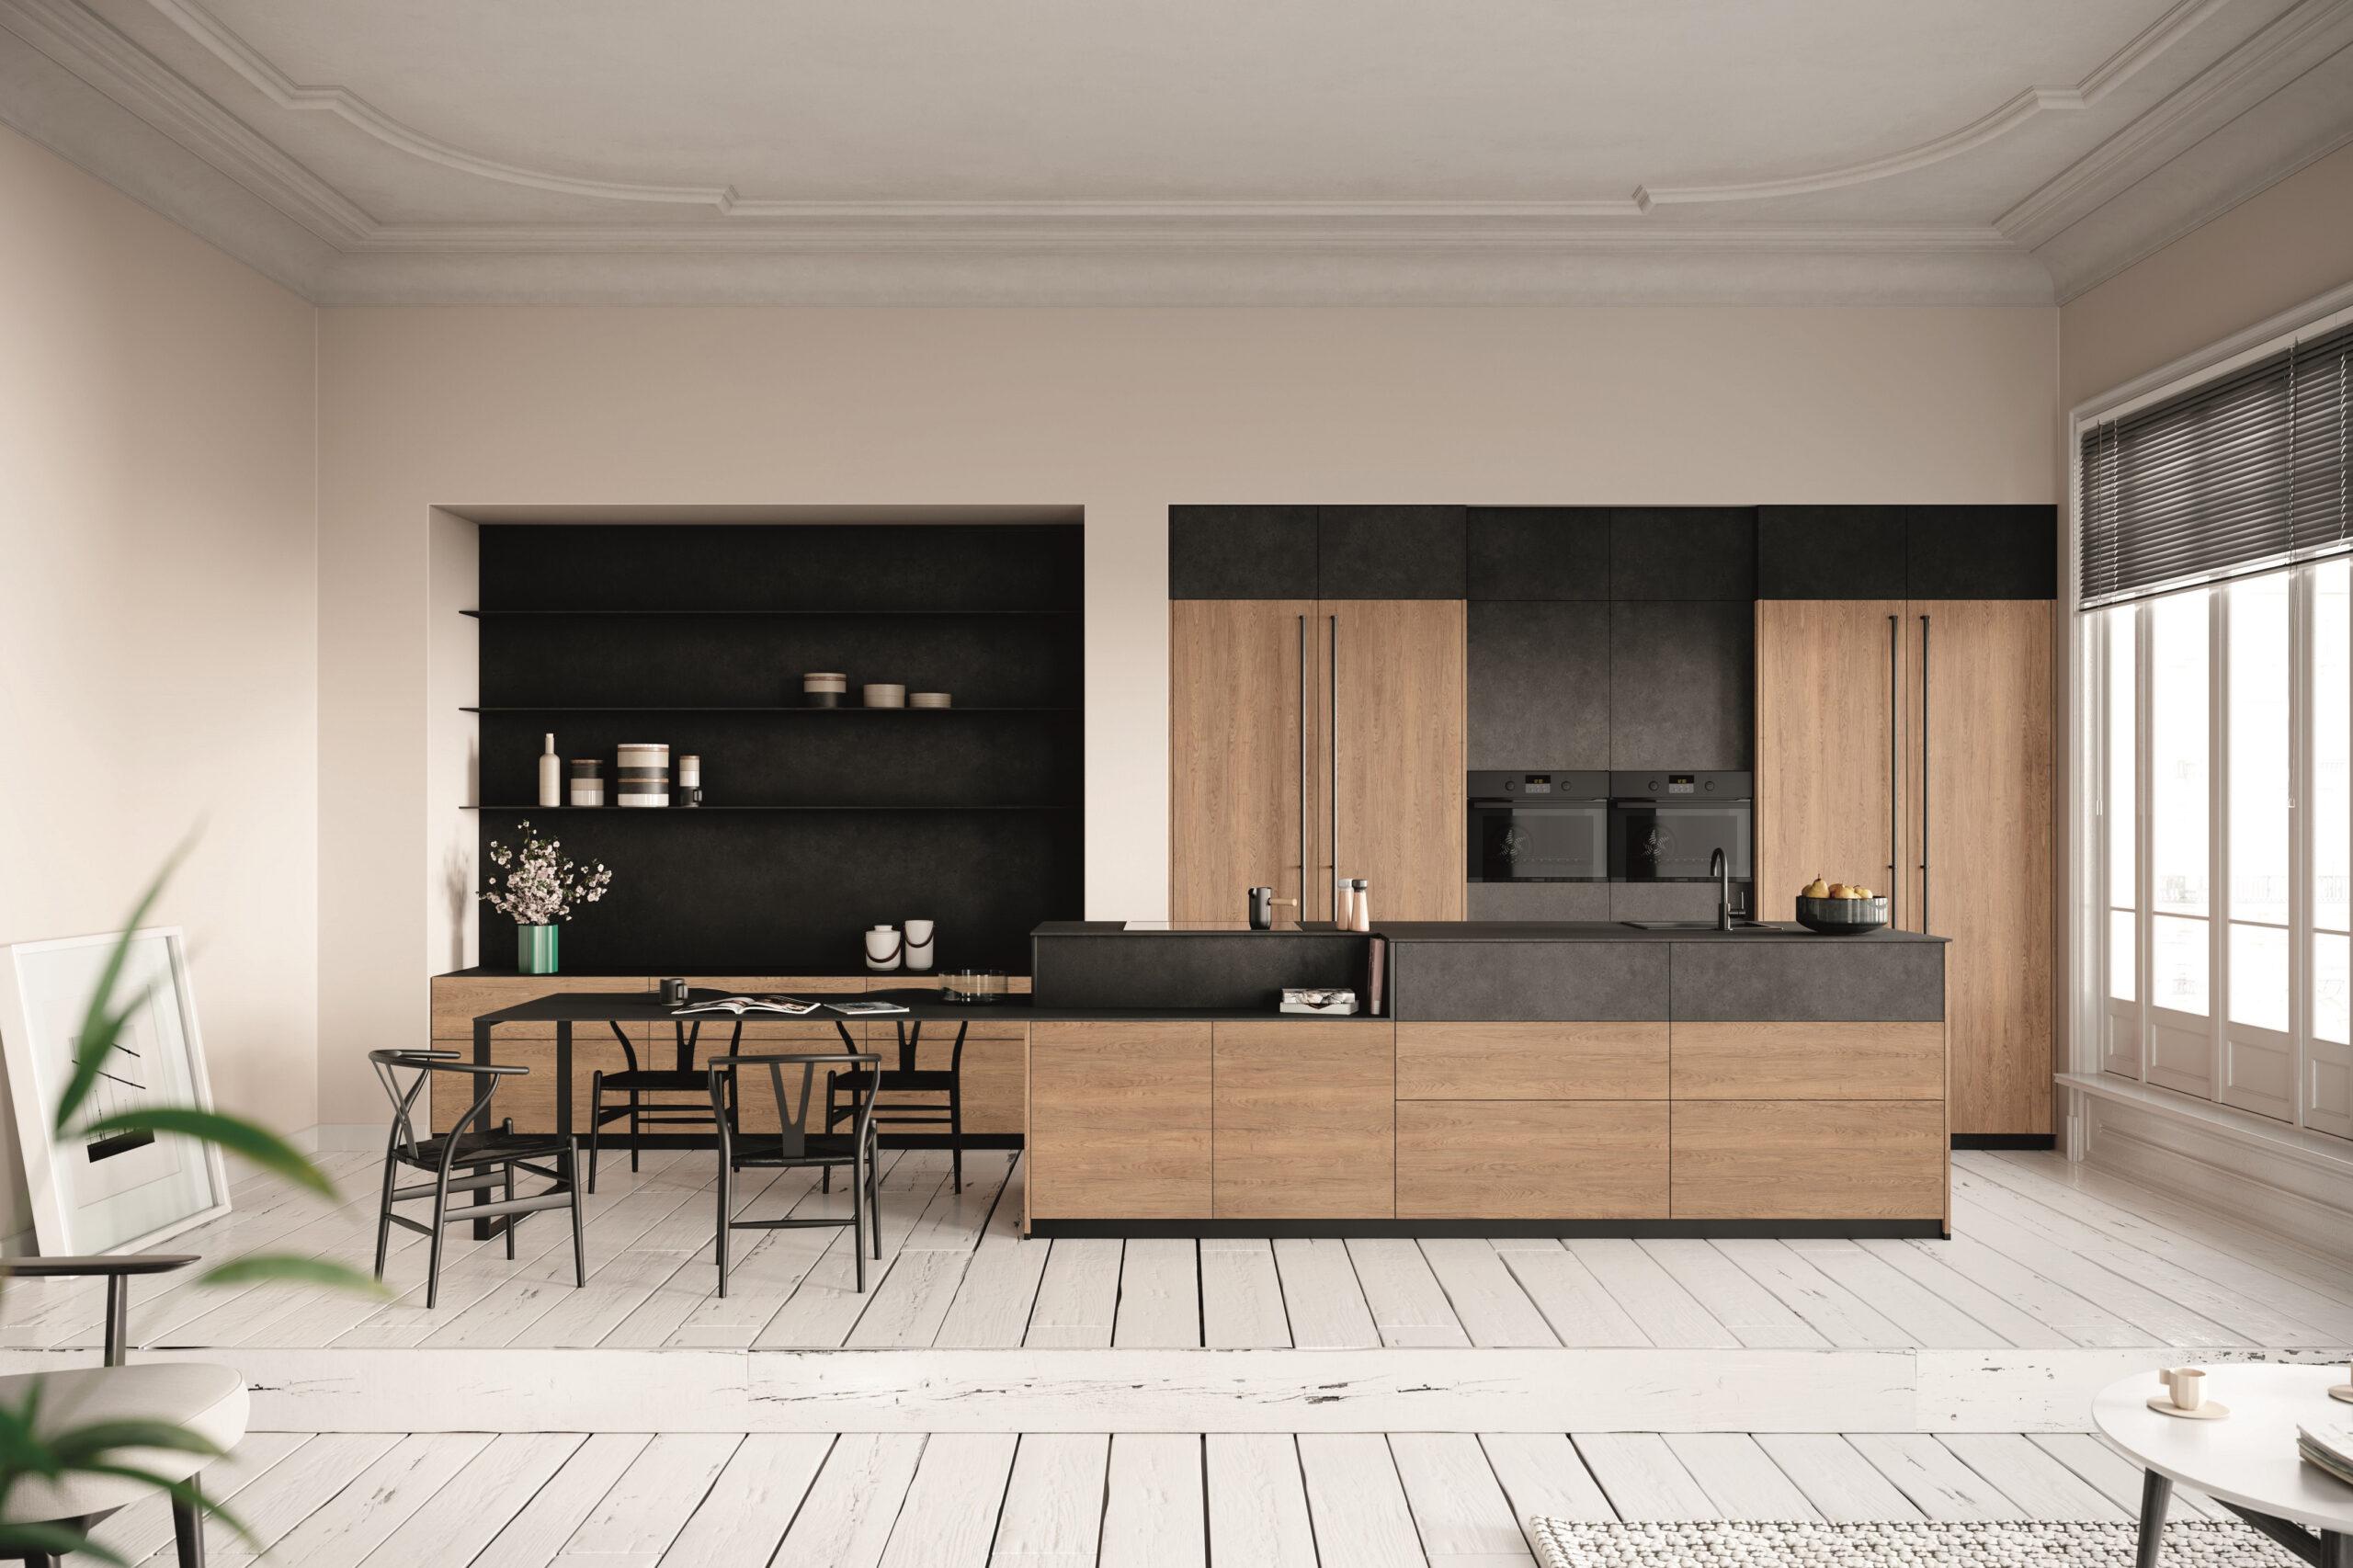 _Rotpunkt_2021_Old Split Oak, front view_HR